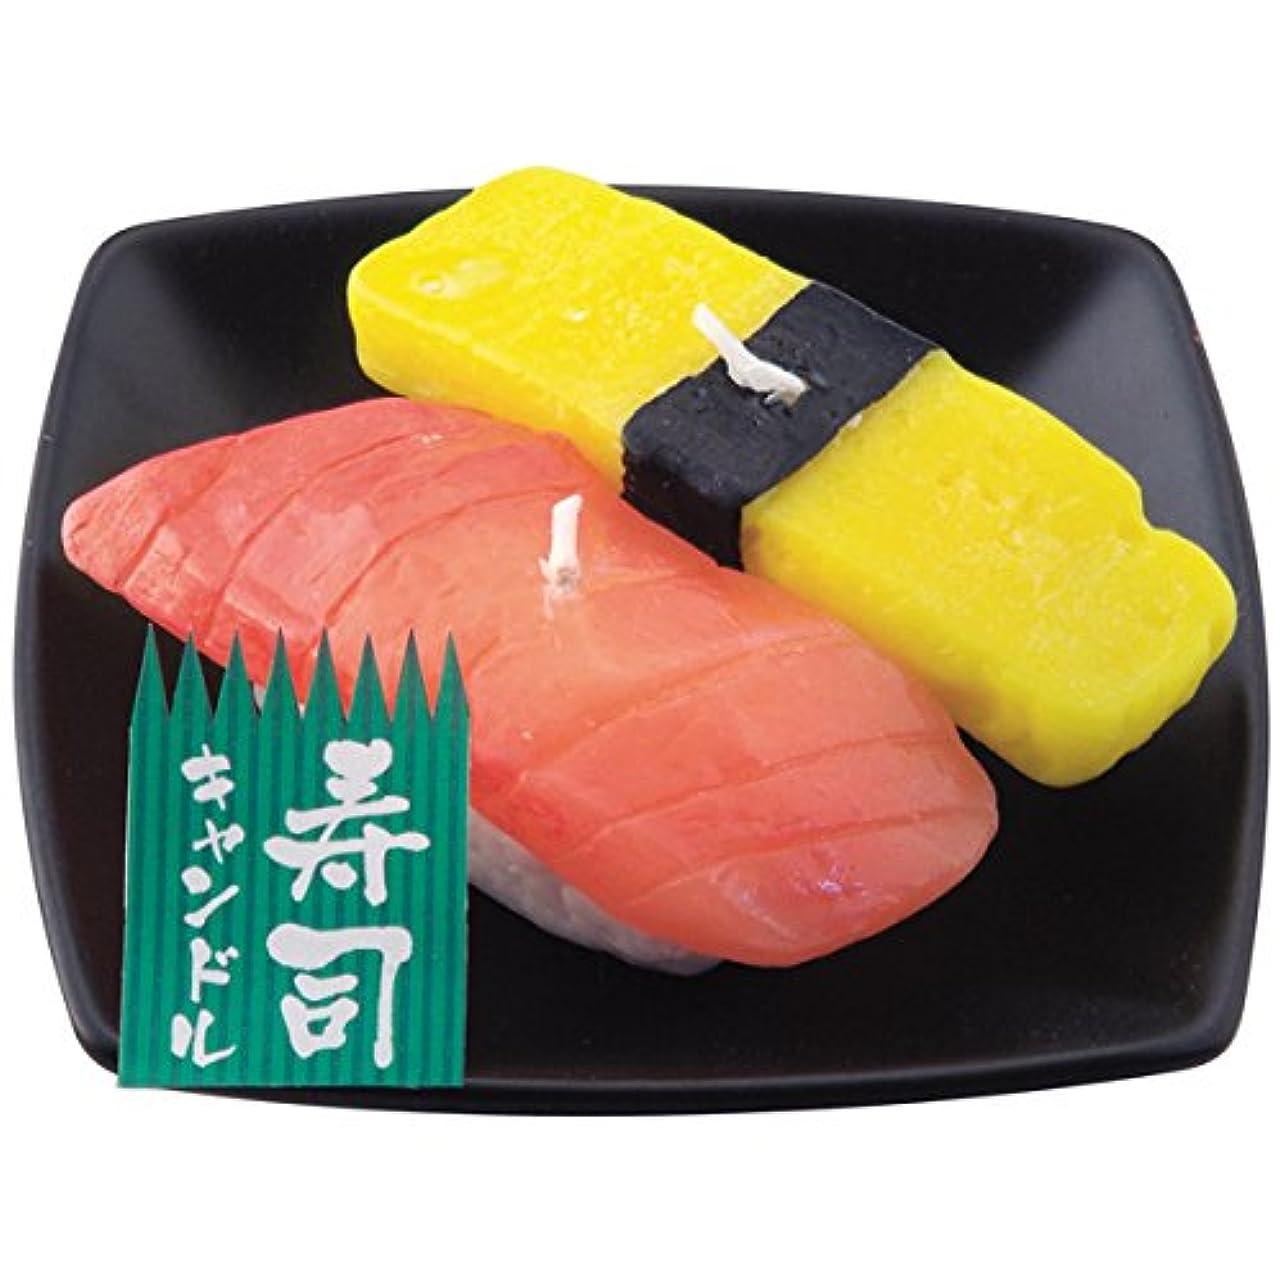 スラッシュ準備した昨日寿司キャンドル Aセット